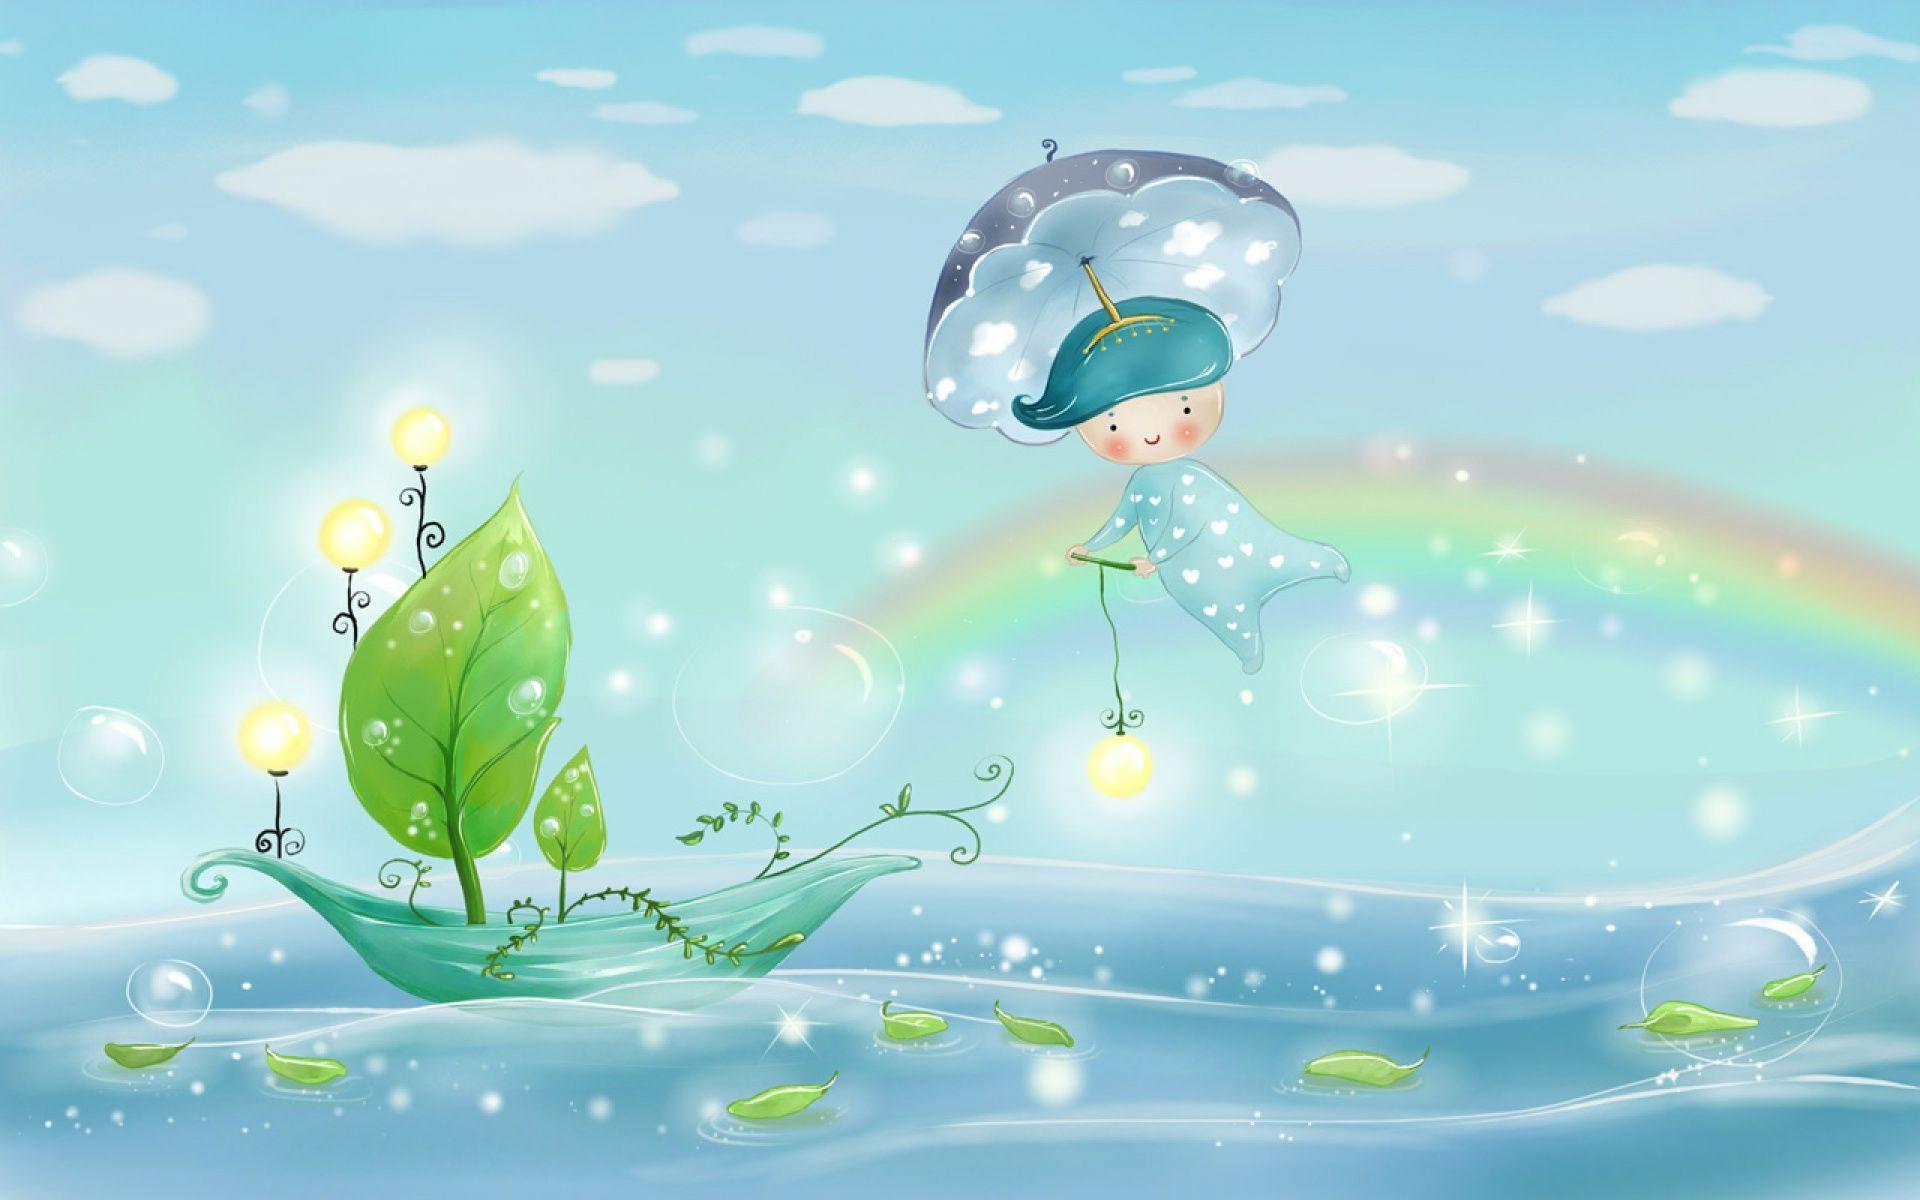 Children Wallpaper Cartoon Wallpaper Cute Wallpapers Beautiful